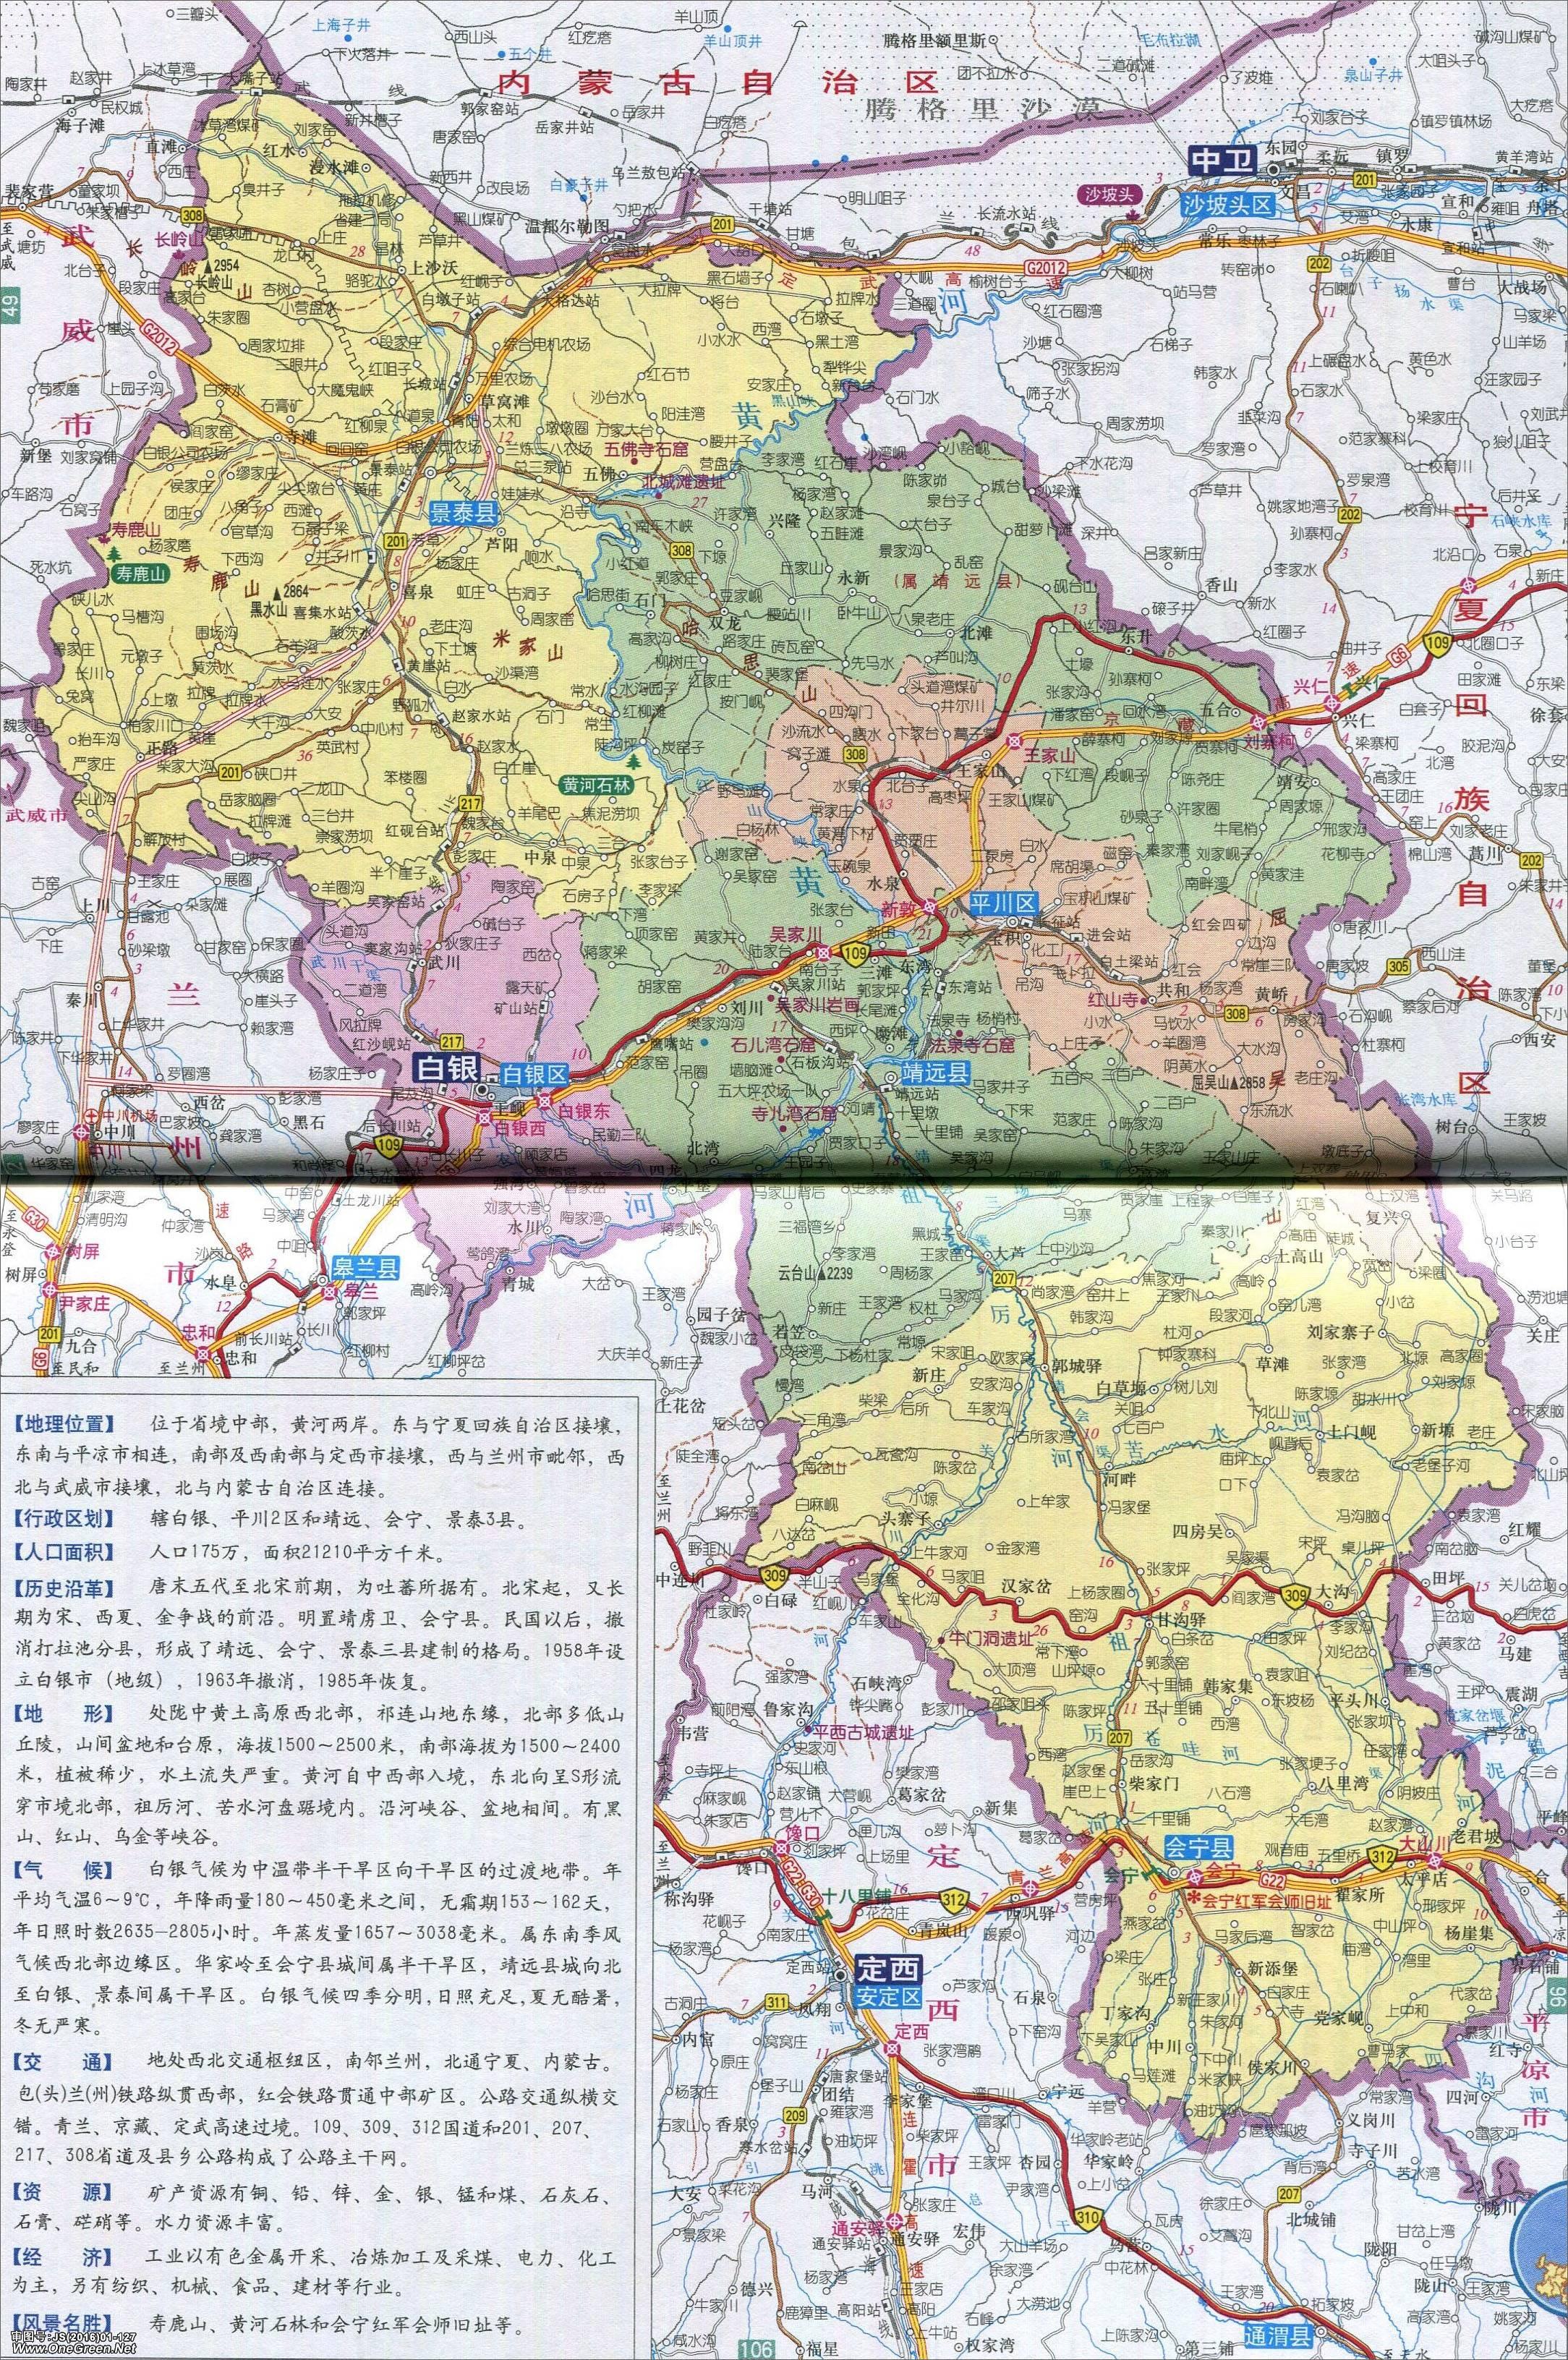 甘肃省临夏市_白银市地图_白银地图库_地图窝